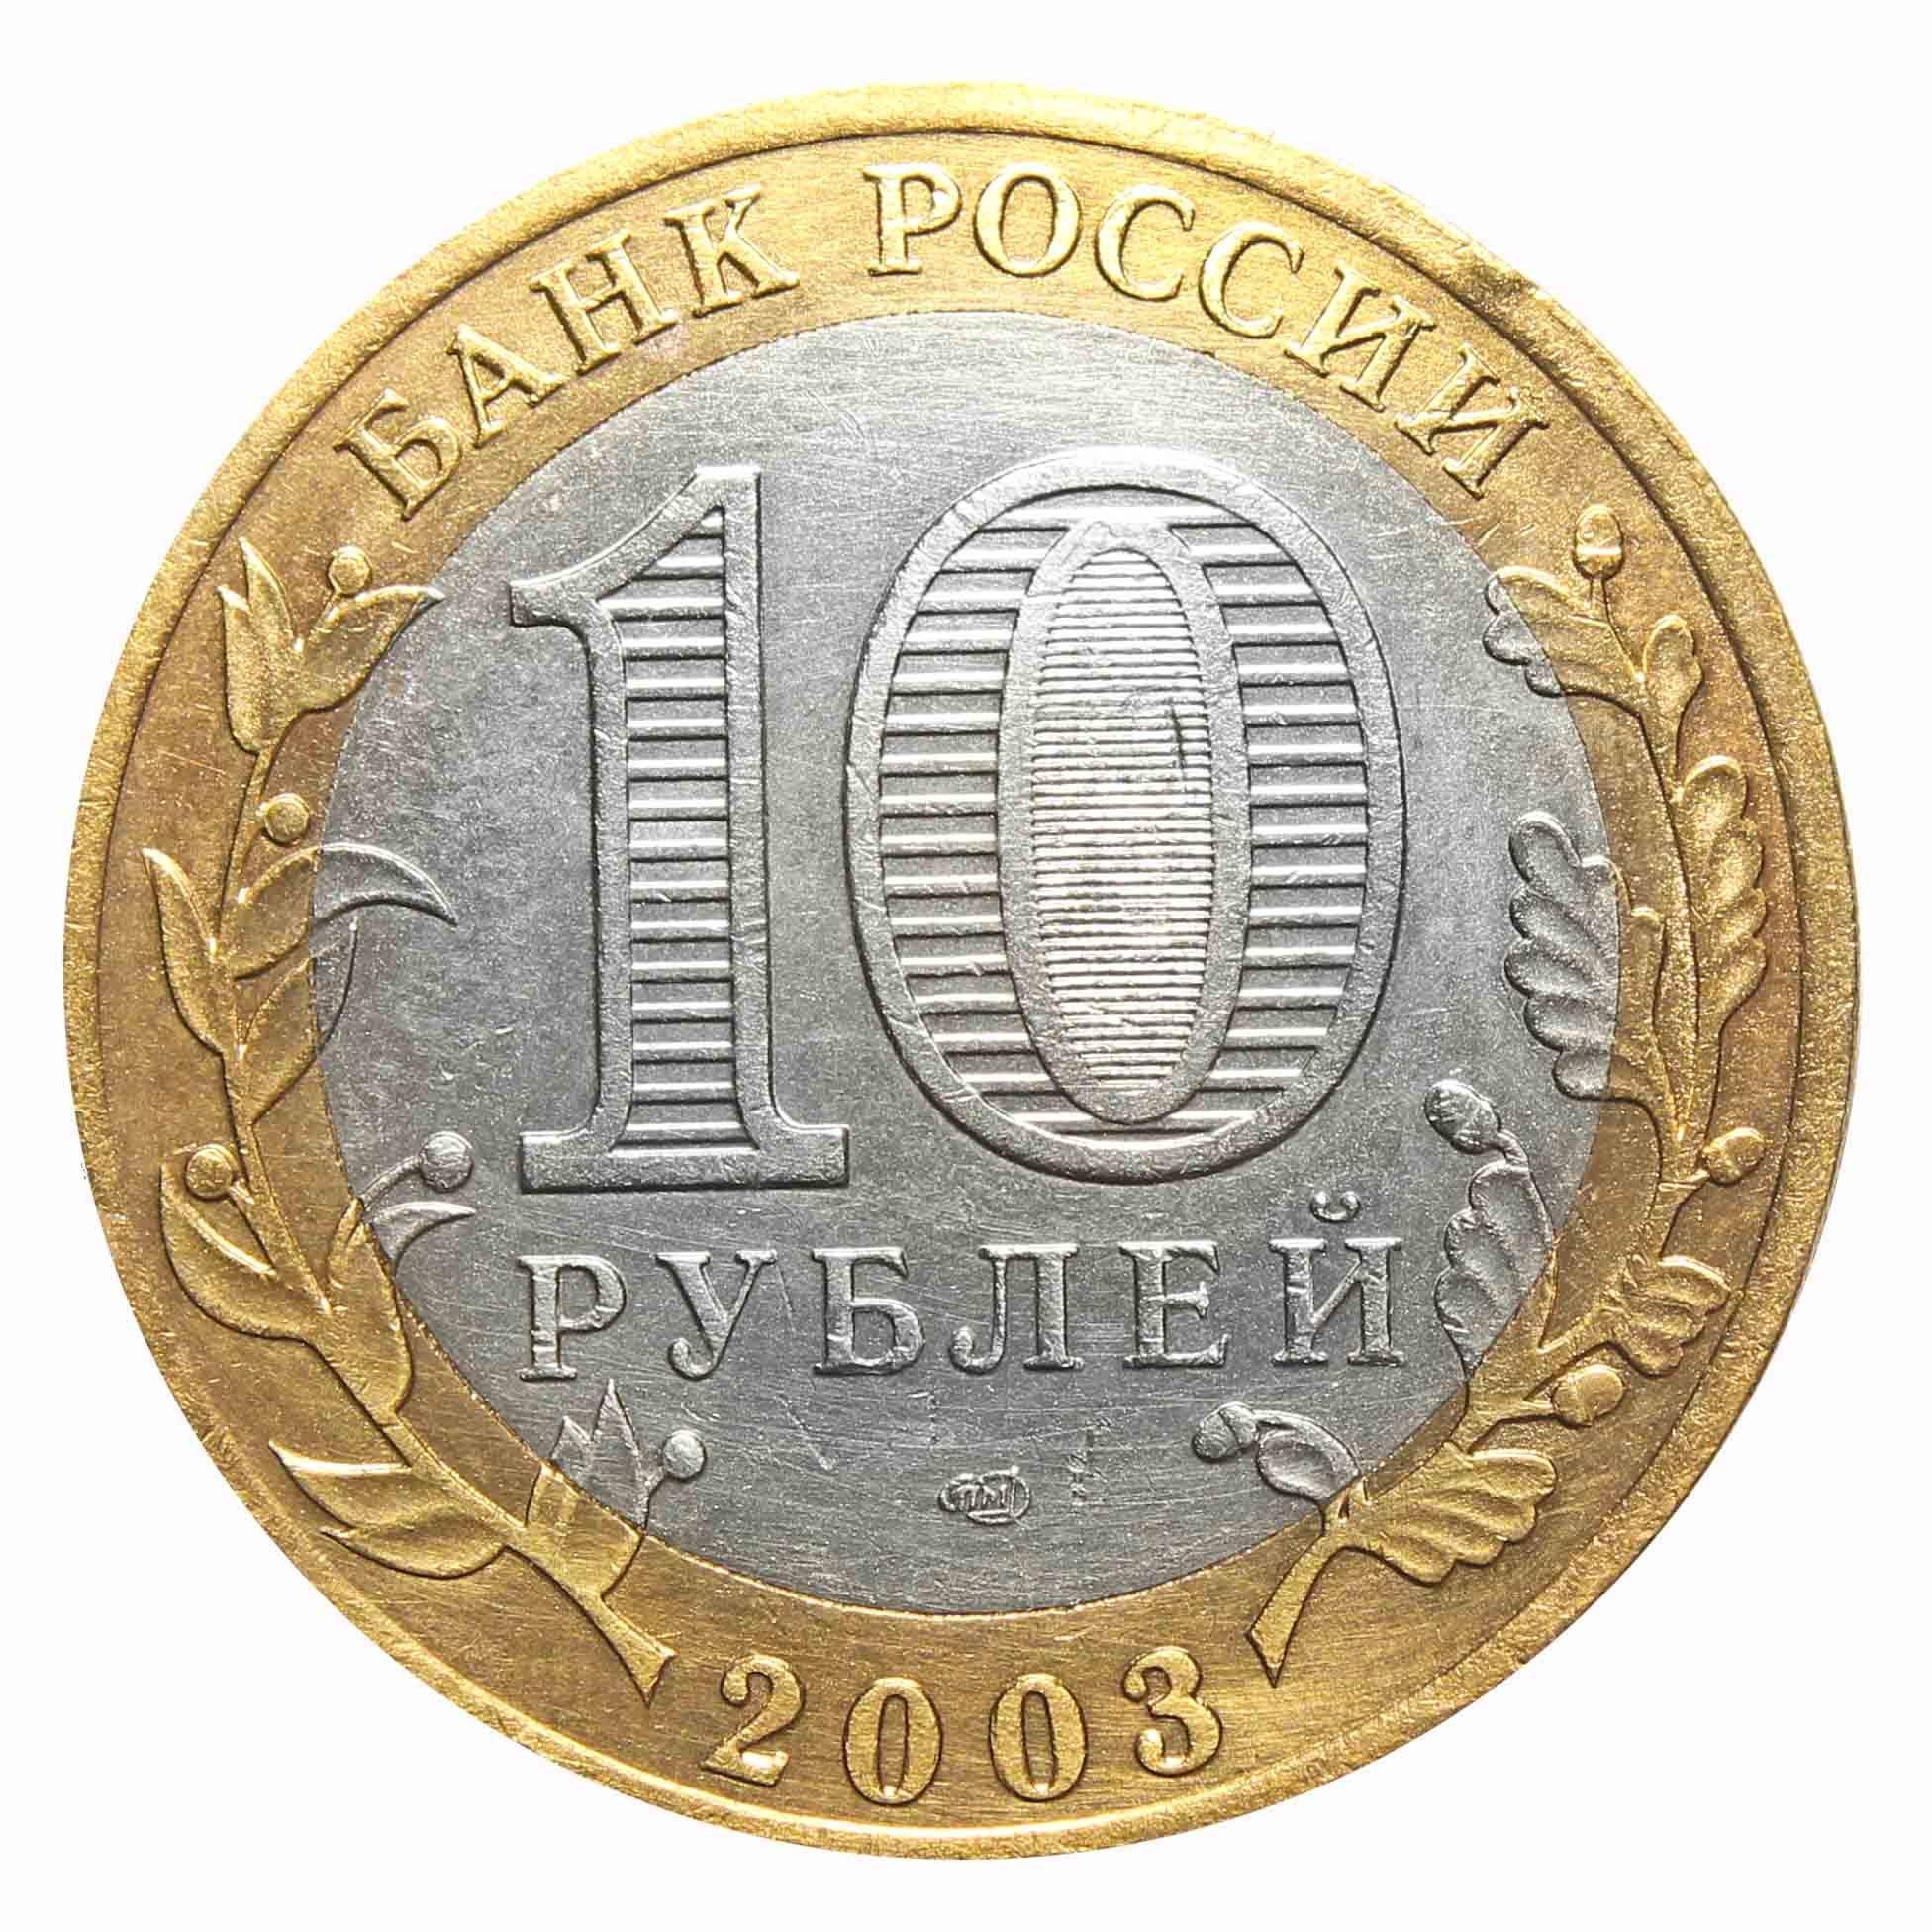 10 рублей Муром 2003 г